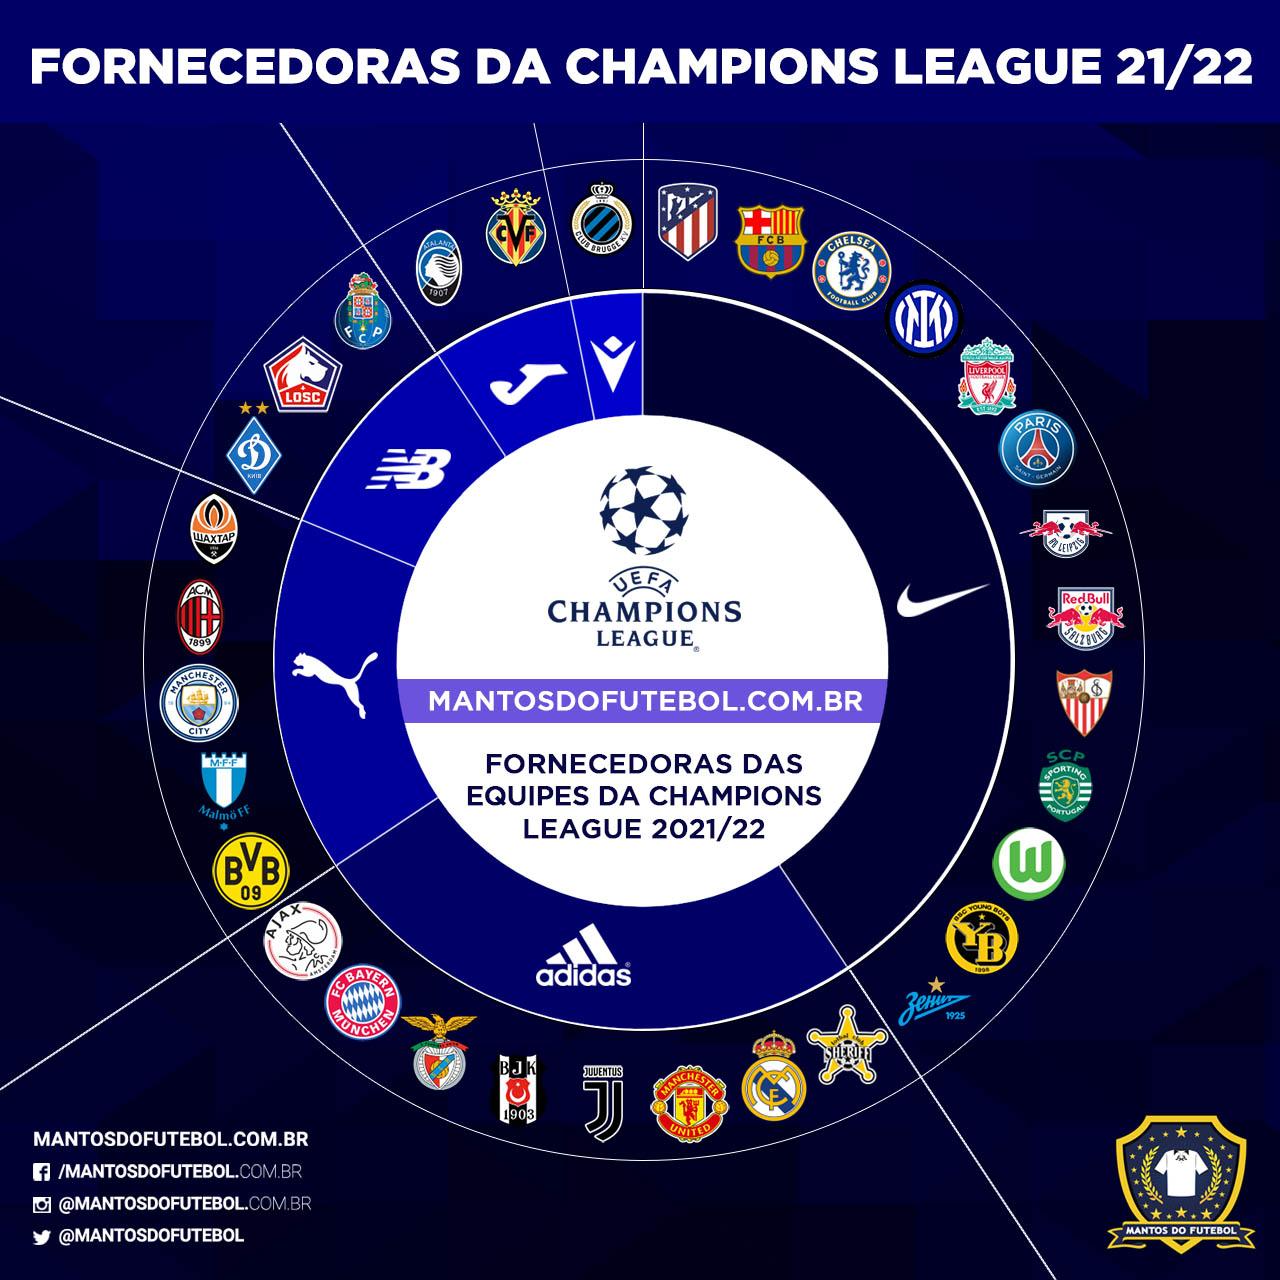 Fornecedoras e camisas da Champions League 2021-2022